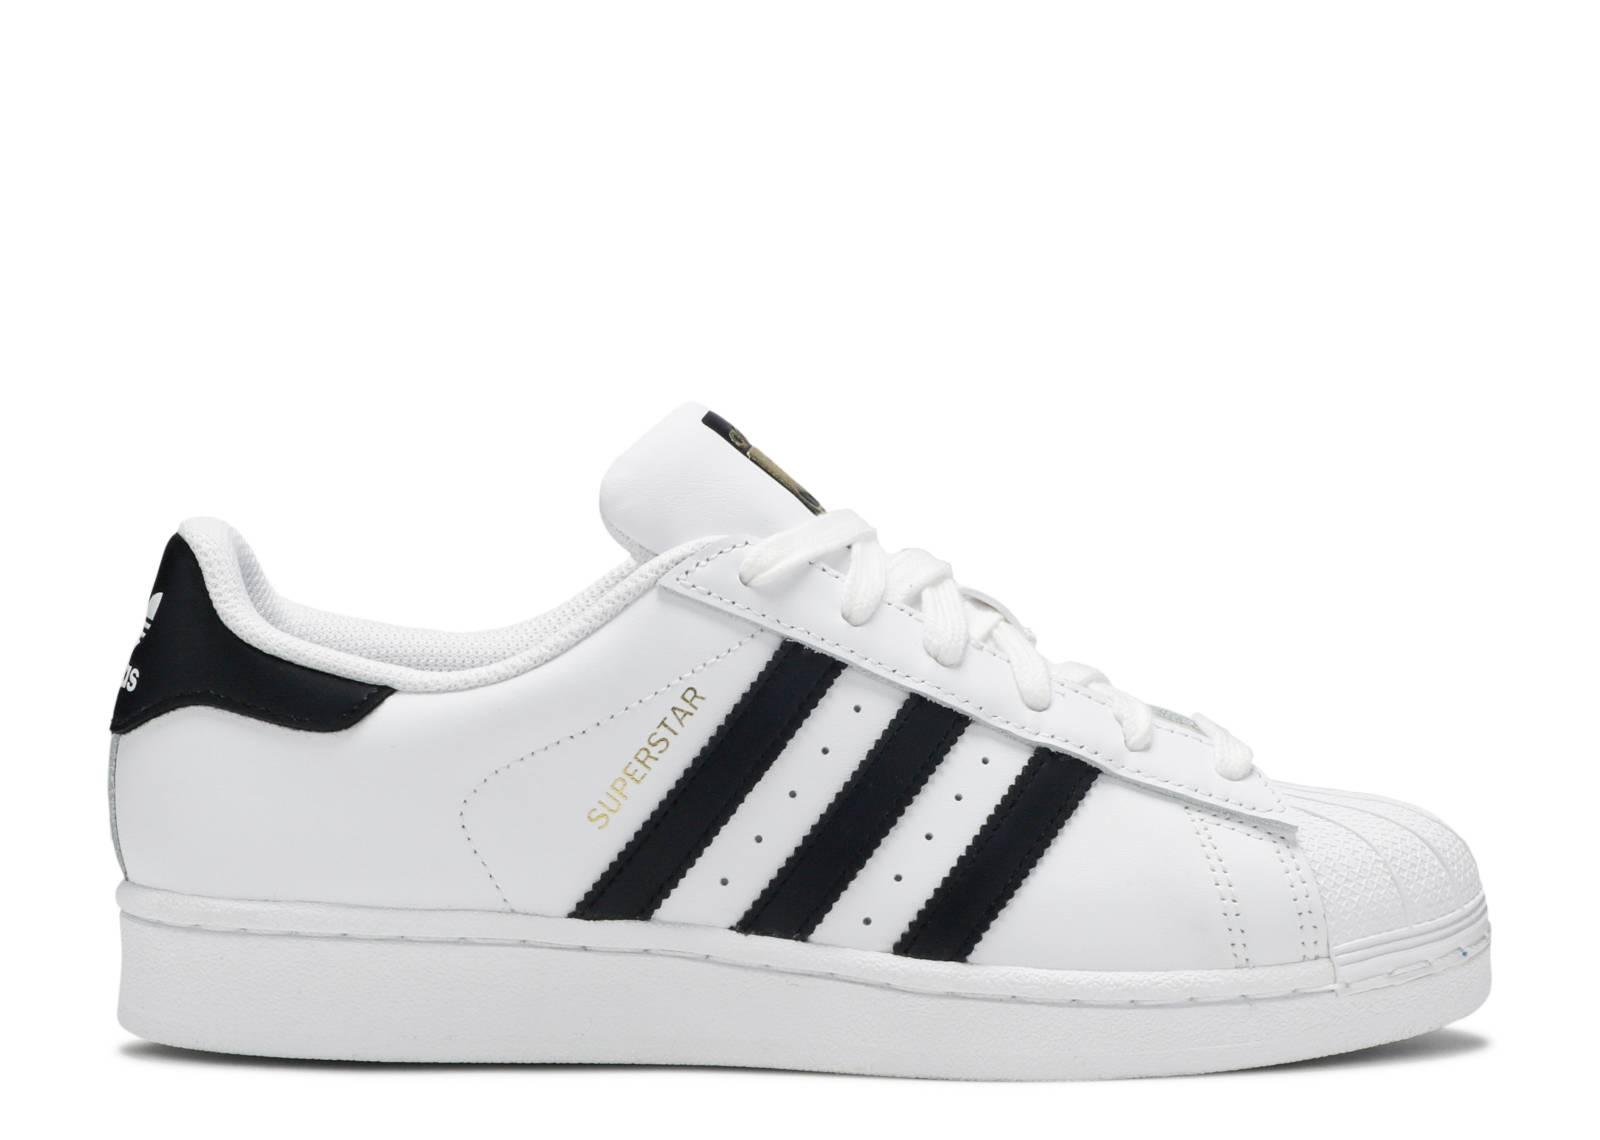 21654e4a4d3d Adidas Superstar Shoes - Adidas Originals